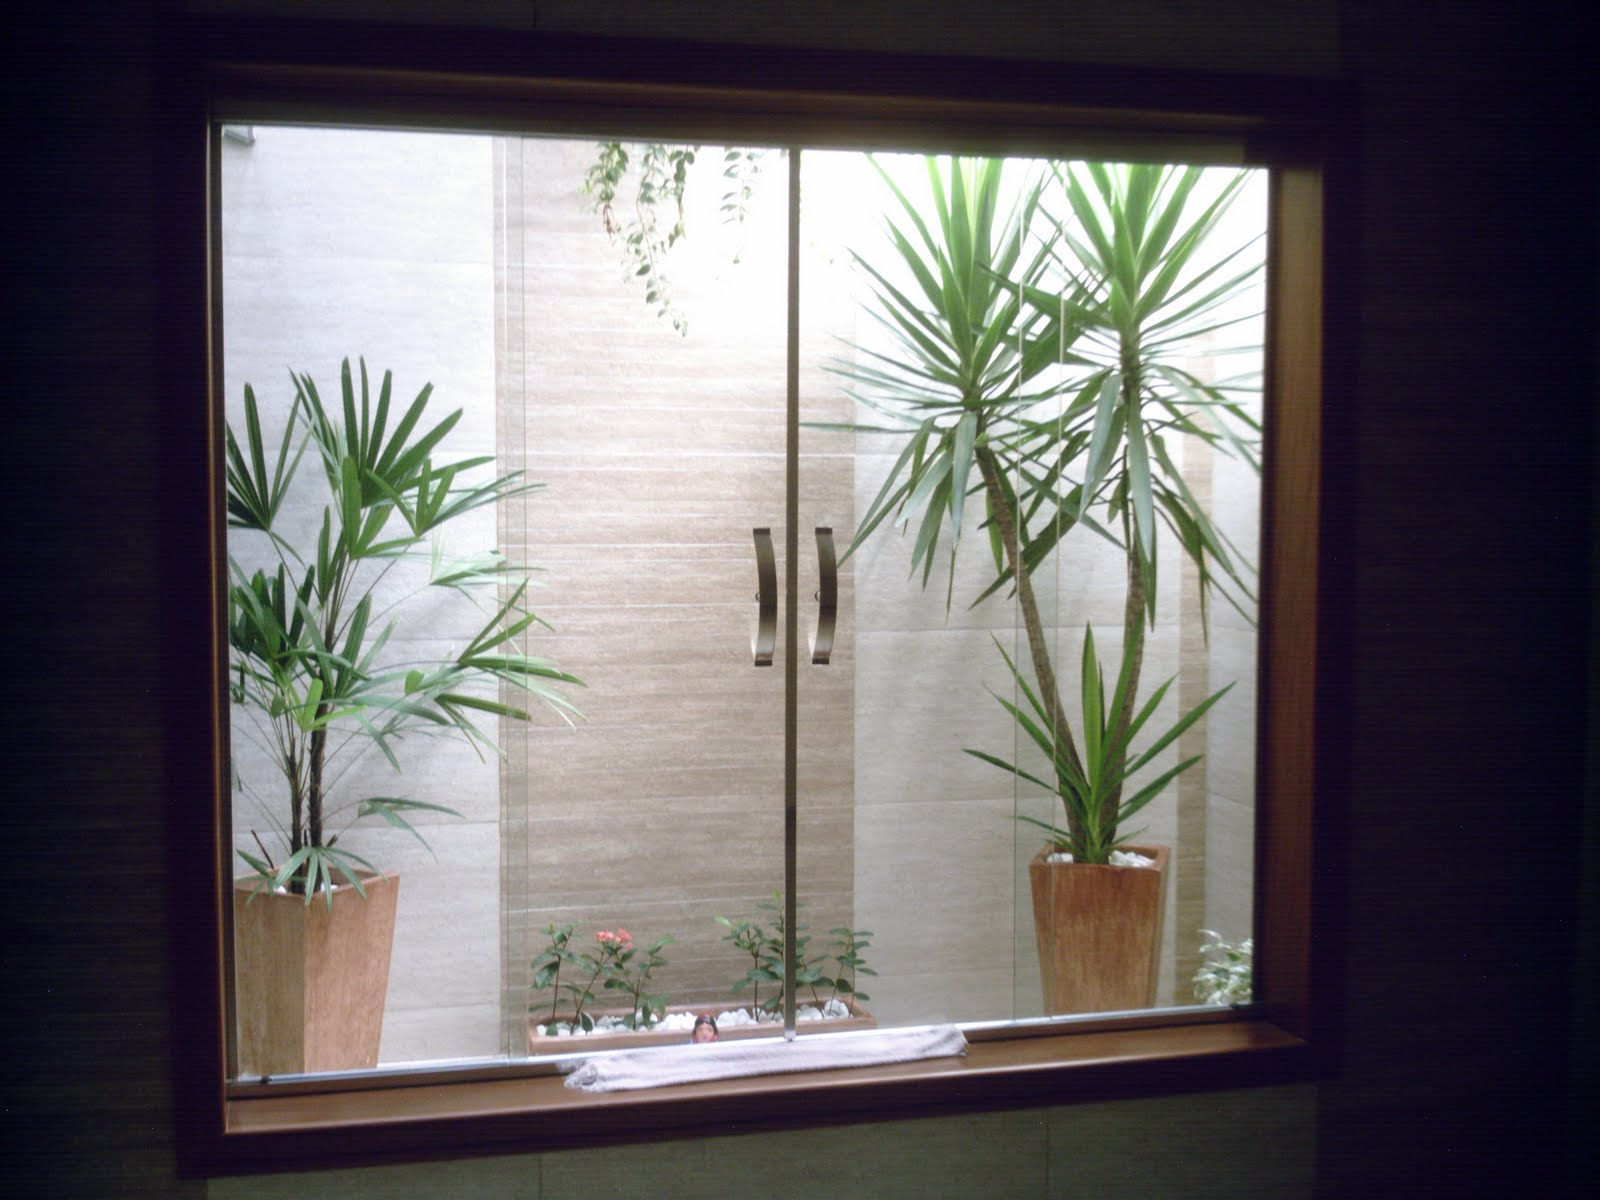 ideias para jardim simples: manutenção vale a pena demais ter um pouco de verde dentro de casa